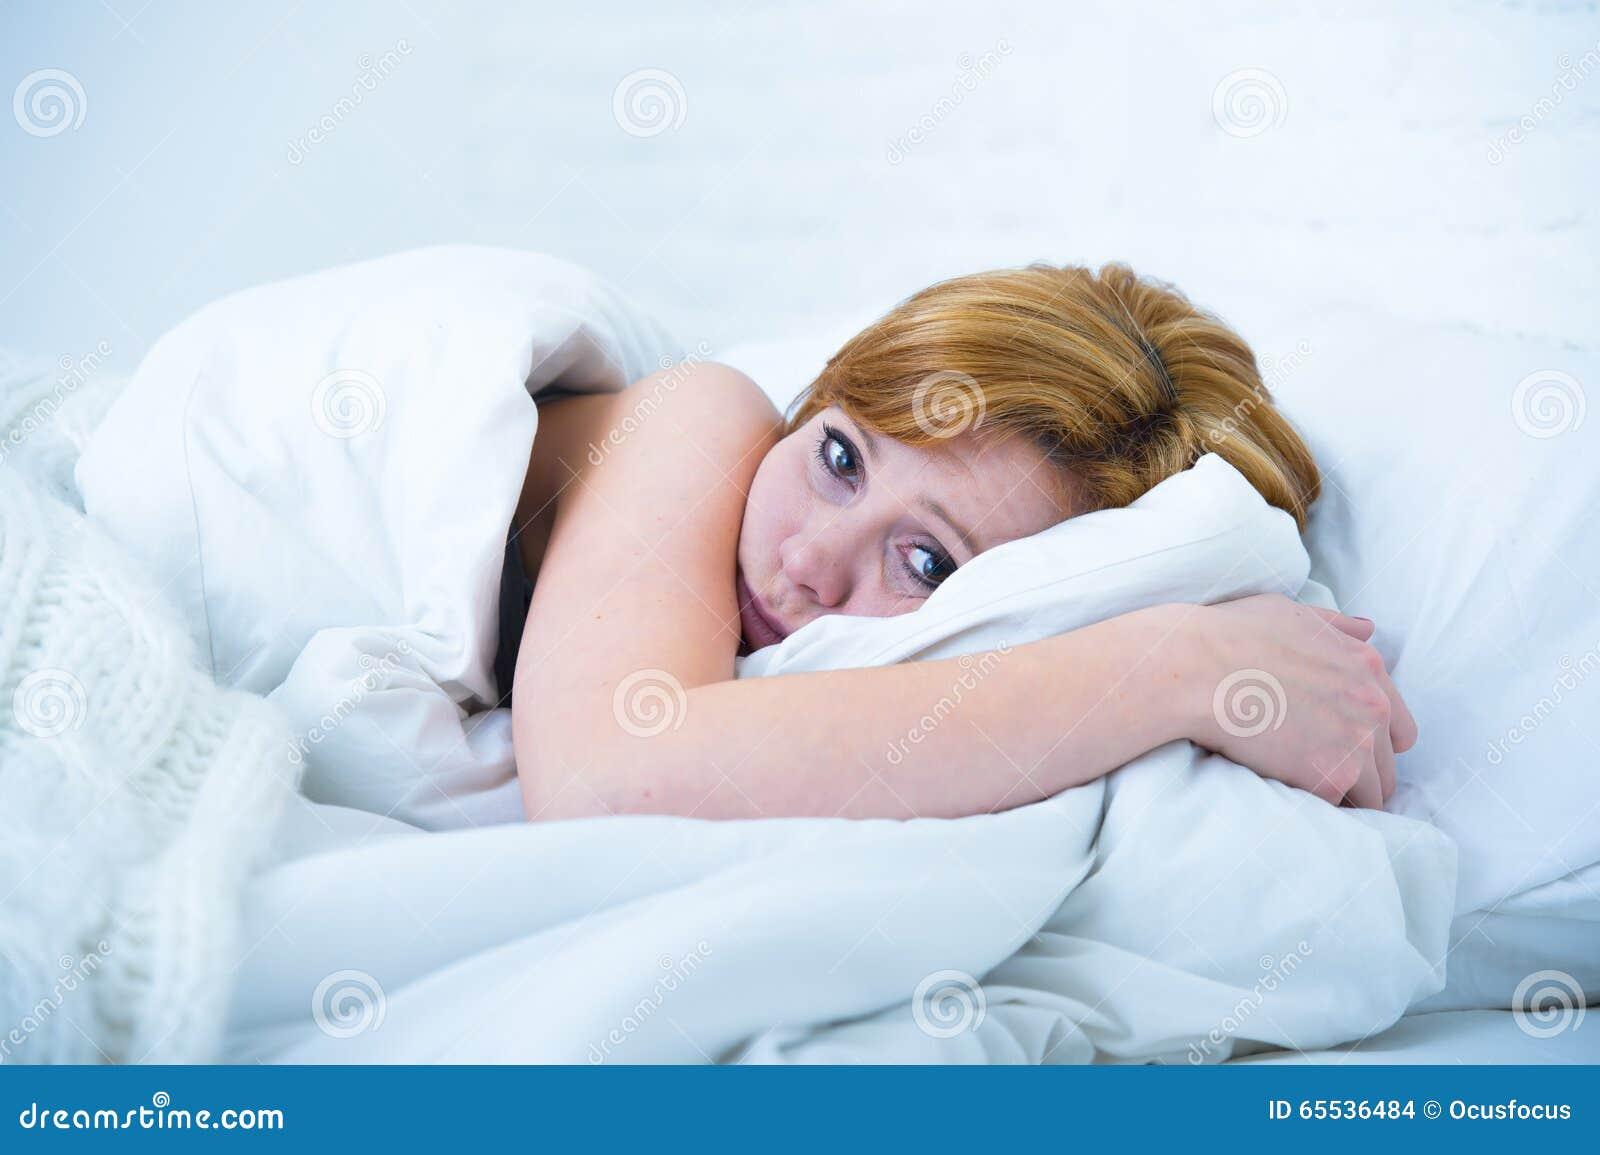 depressie en slaap